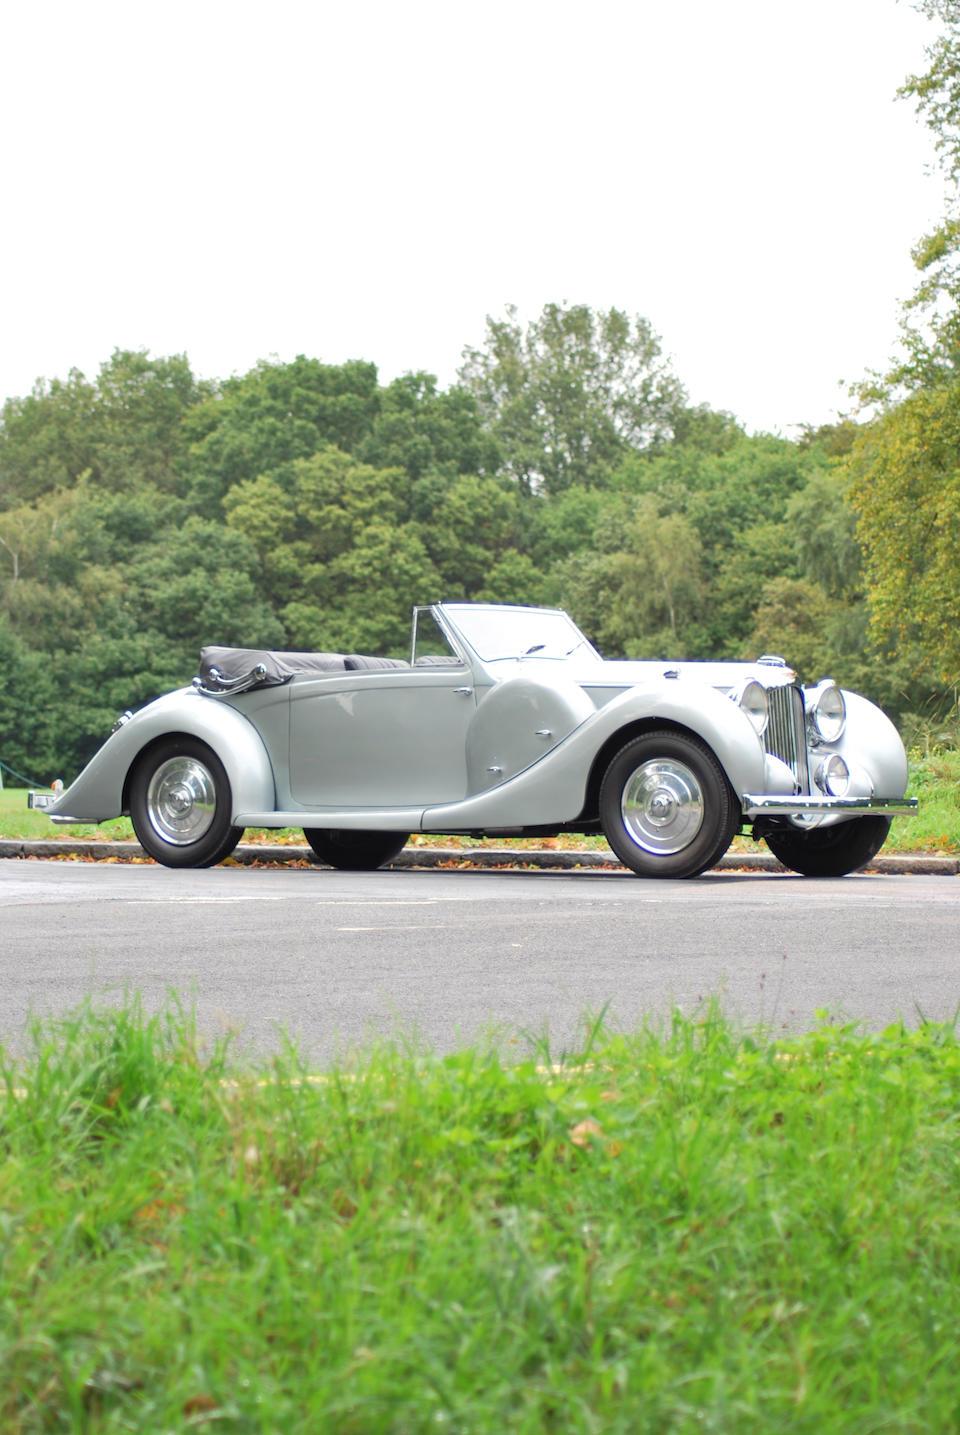 1938 Lagonda V12 Drophead Coupé  Chassis no. 14046 Engine no. 16069